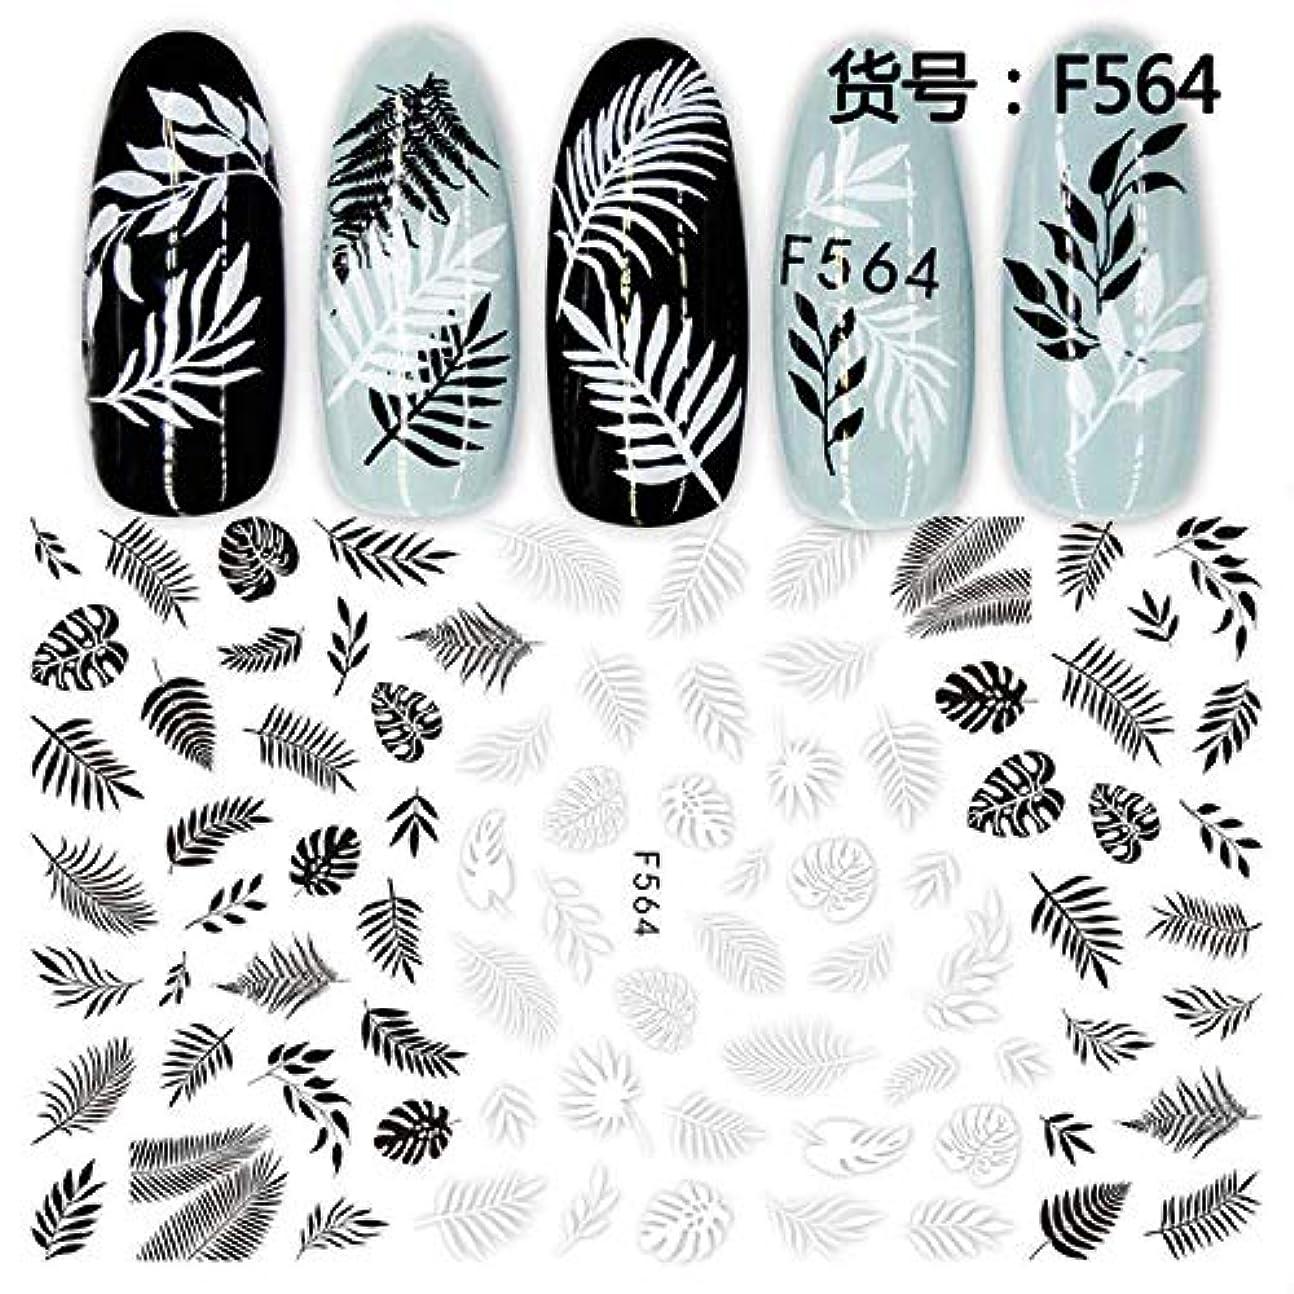 義務付けられた初期のステージSUKTI&XIAO ネイルステッカー 1枚の黒く白い3D釘のステッカーの花の宝石類の幾何学の接着剤の完全なラップの入れ墨の先端の釘のスライダーの装飾のマニキュア、F564